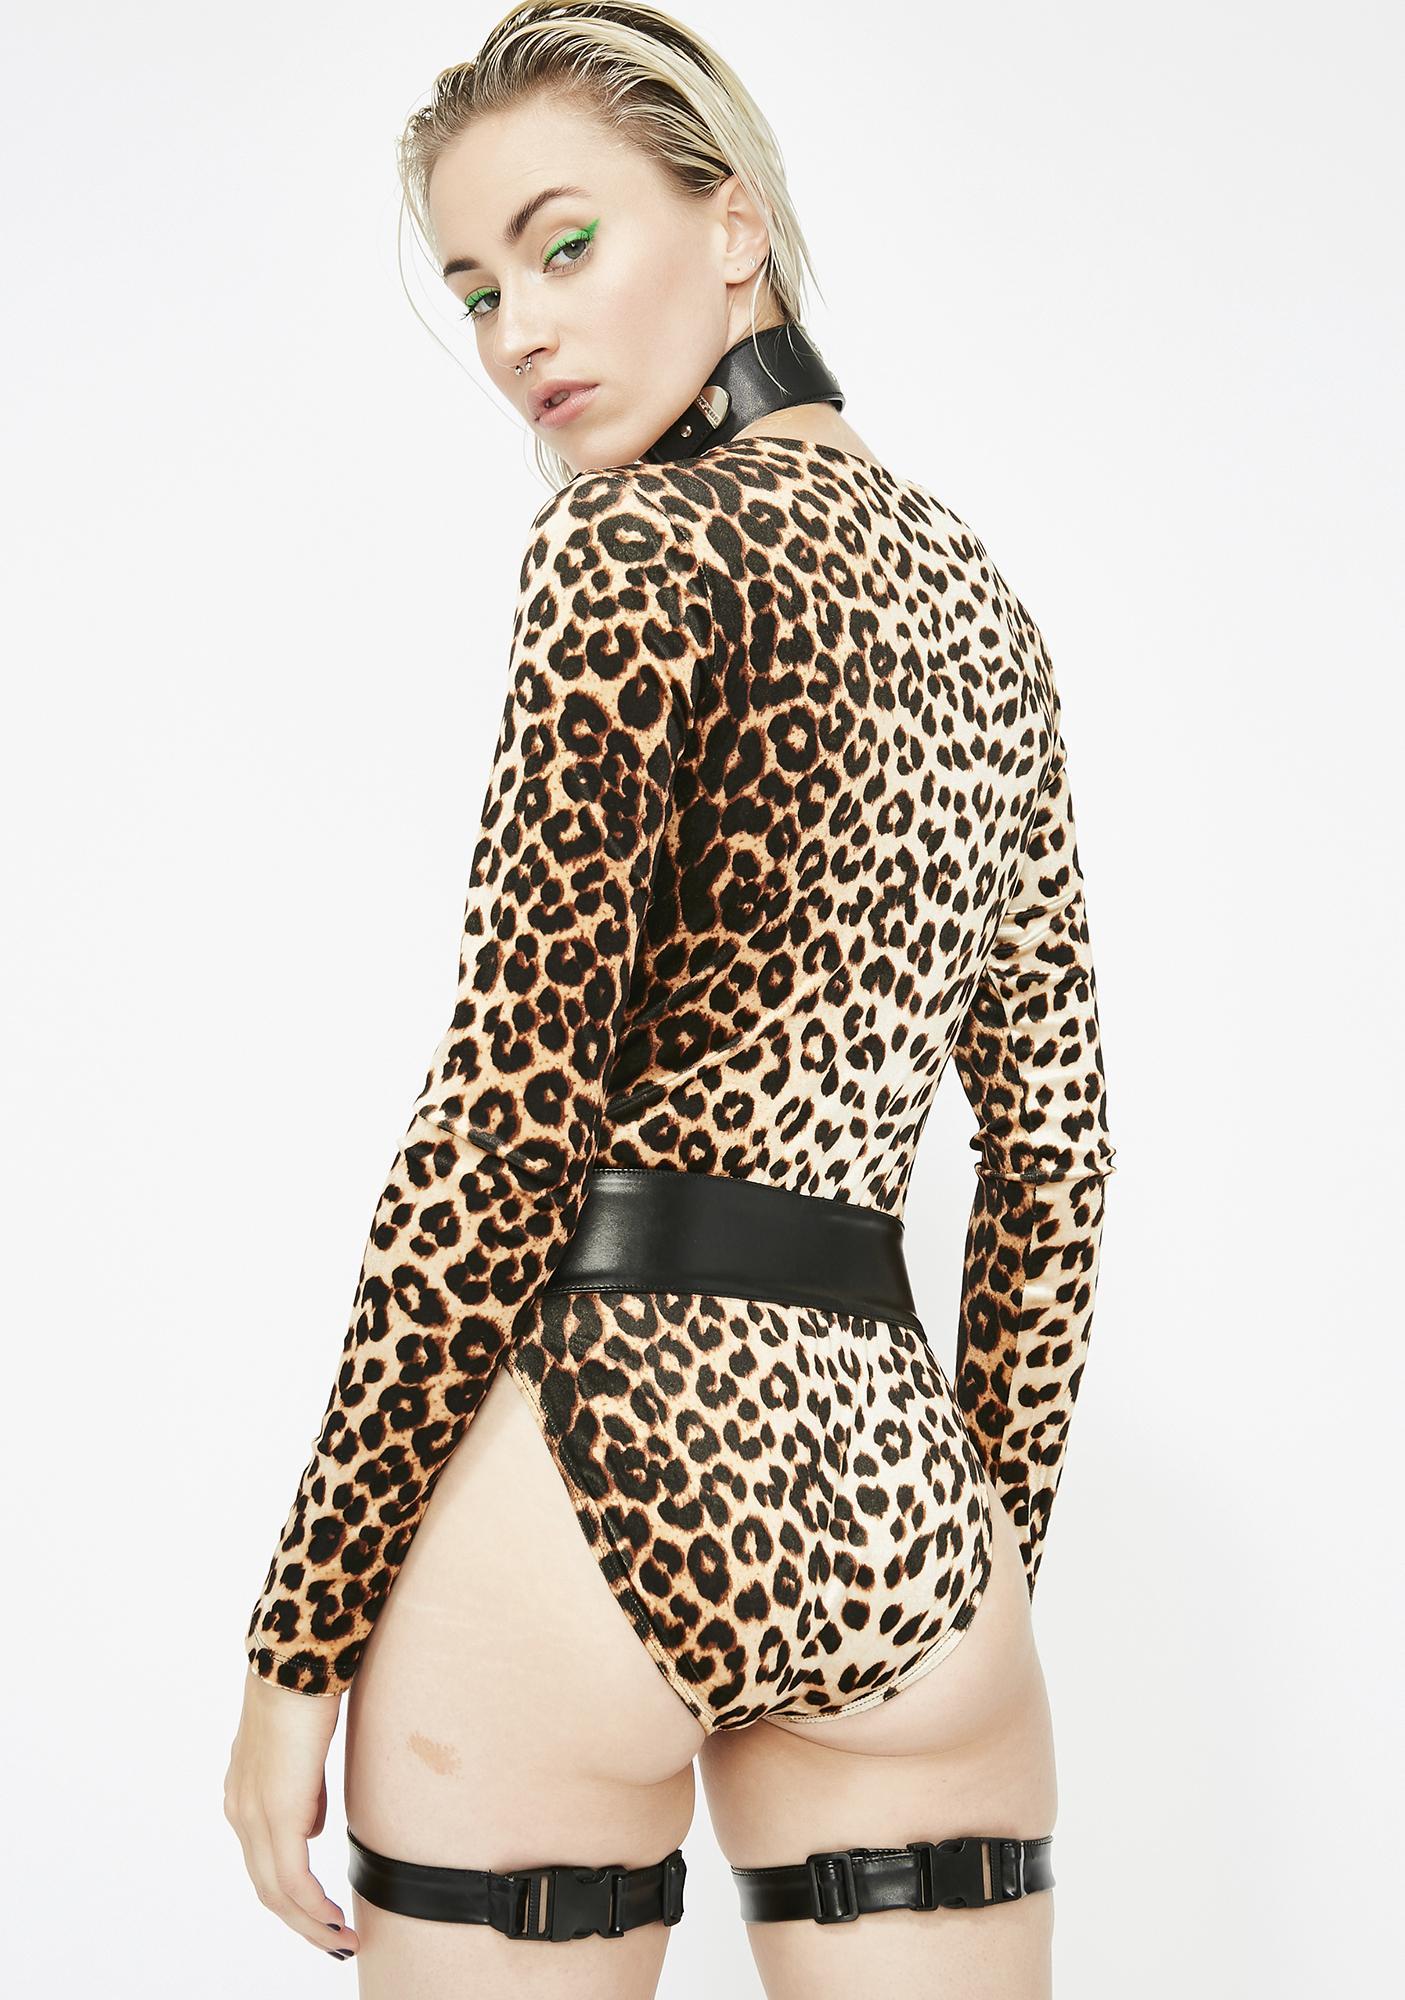 Badd Kitty Velvet Bodysuit N' Harness